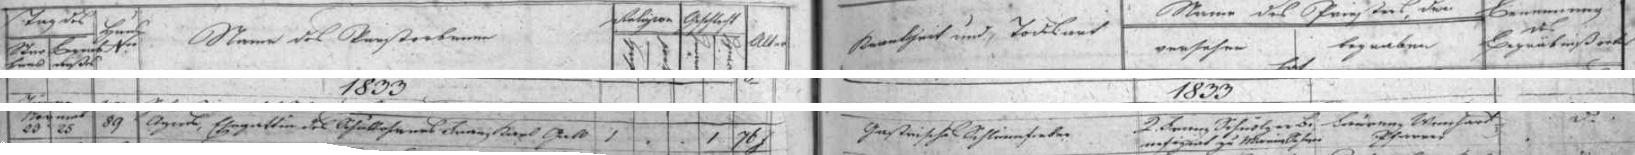 """Záznam úmrtní matriky farní obce Rychnov nad Malší o skonu jeho ženy Agnes na tzv. blaťáckou (polní) horečku (Schlammfieber, dnešní terminologií leptospiróza), zde označenou jako """"žaludeční"""" polní horečka (Gastrische Schlammfieber)"""